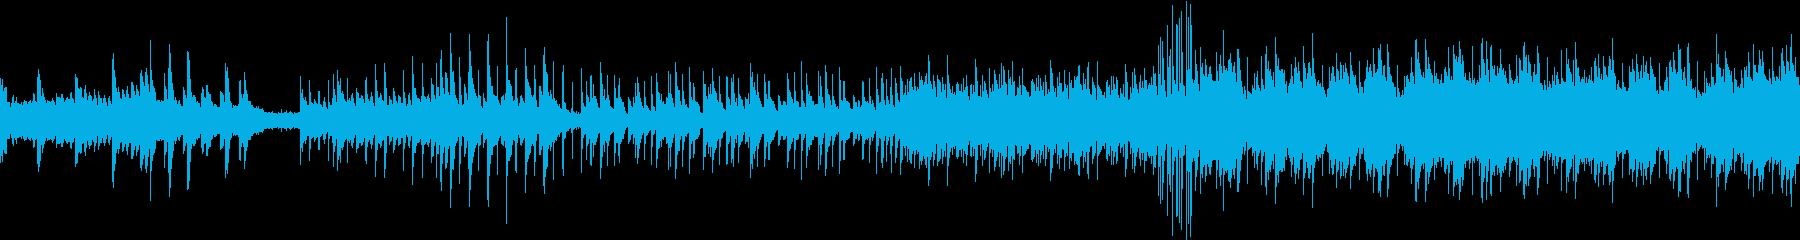 ハープとピアノを使ったワクワク感ポップスの再生済みの波形